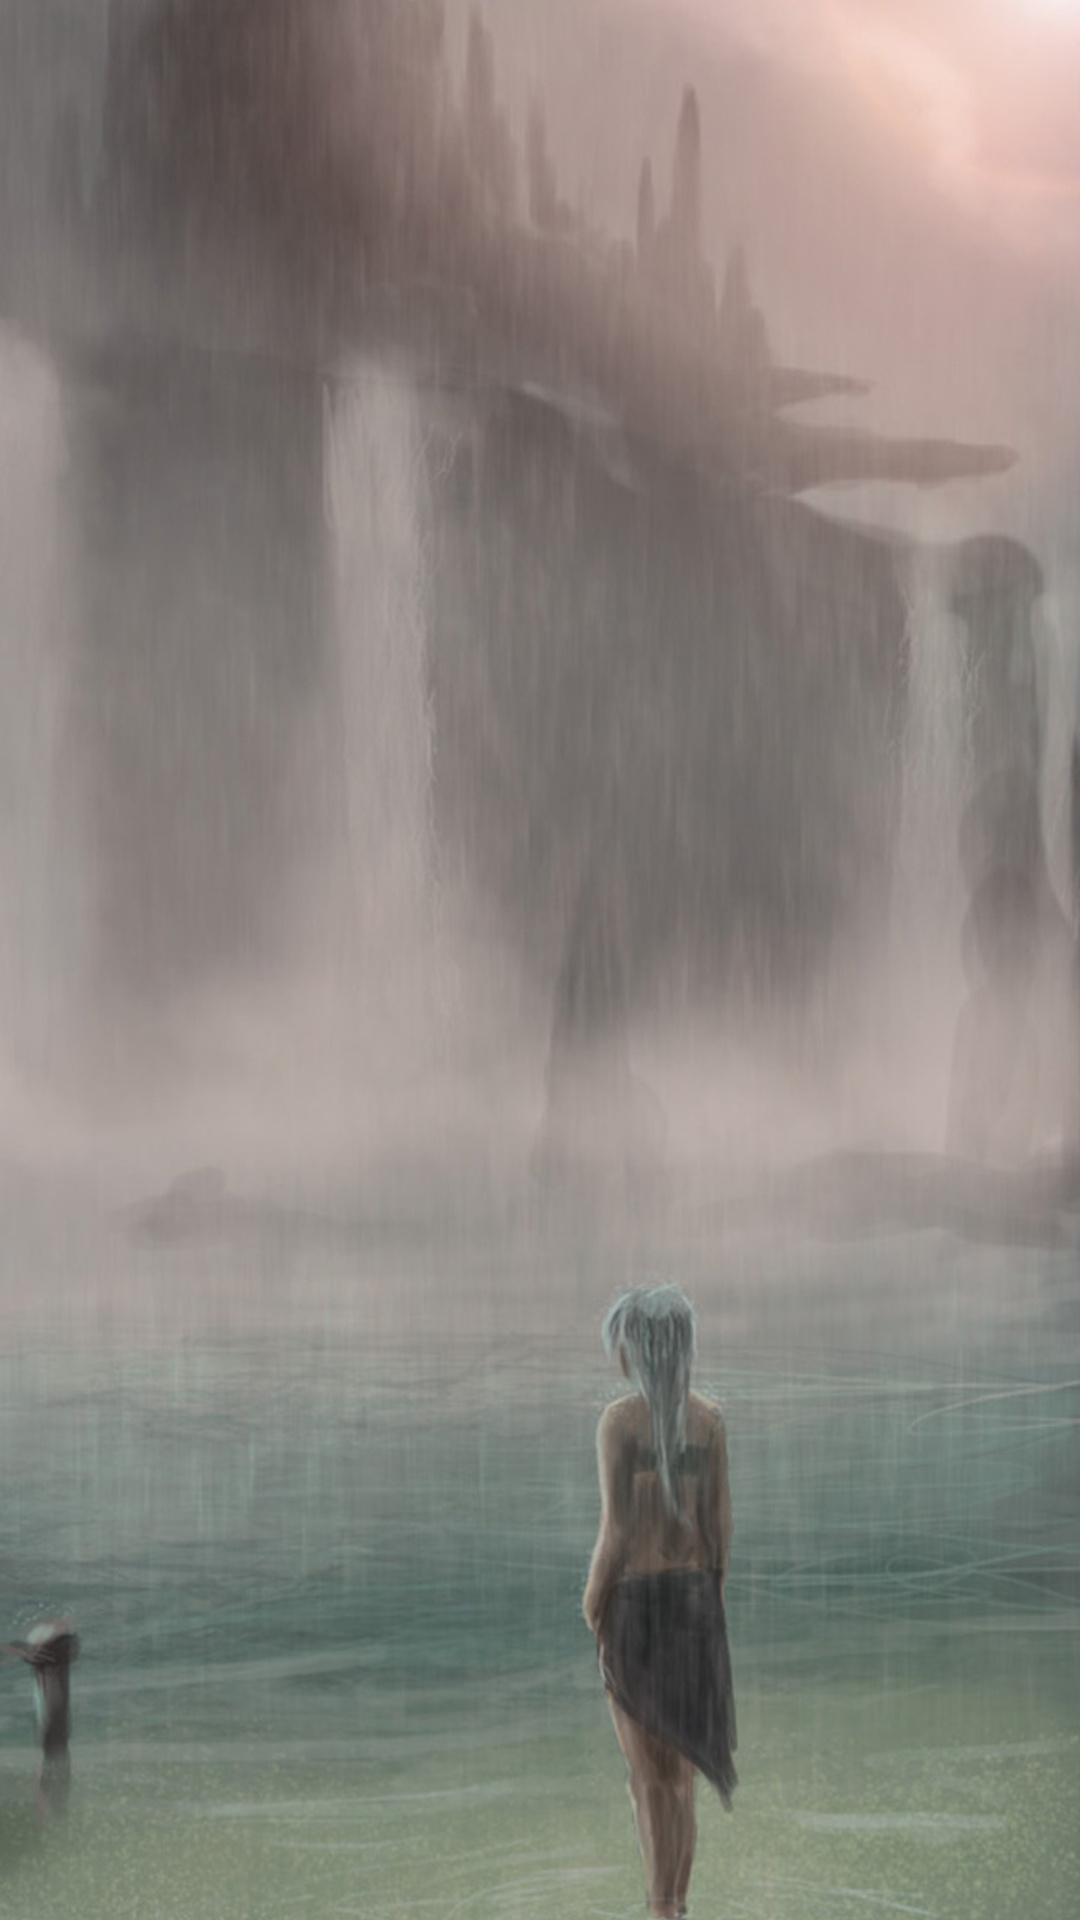 disney-atlantis-movie-artwork-19.jpg